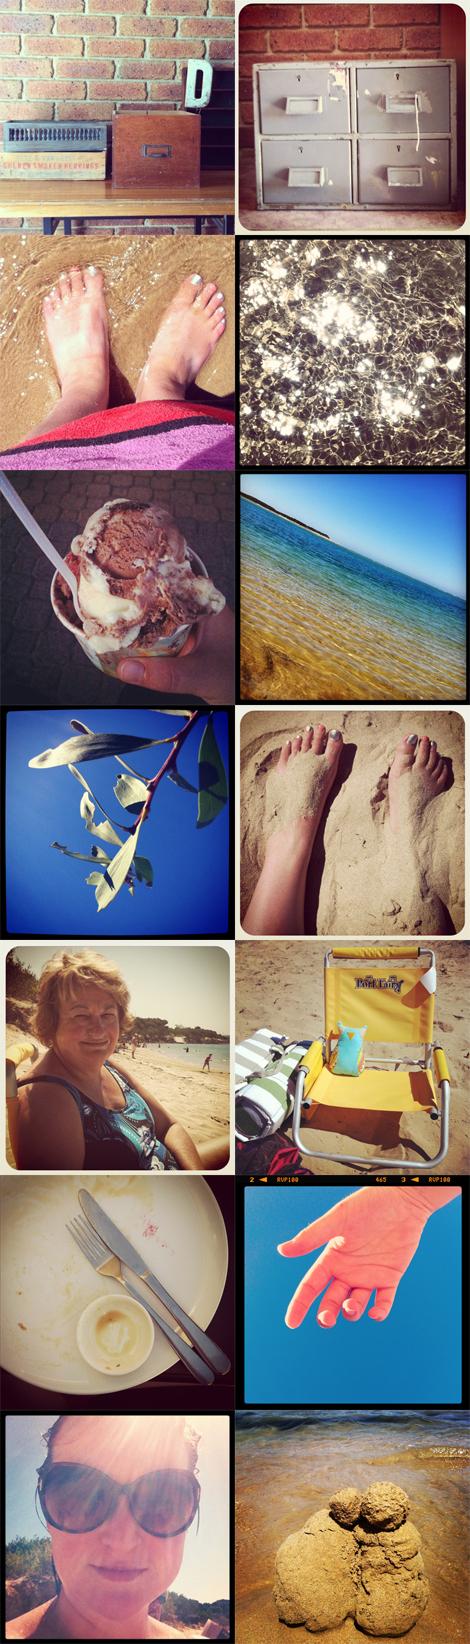 Inverloch Beach collage blog